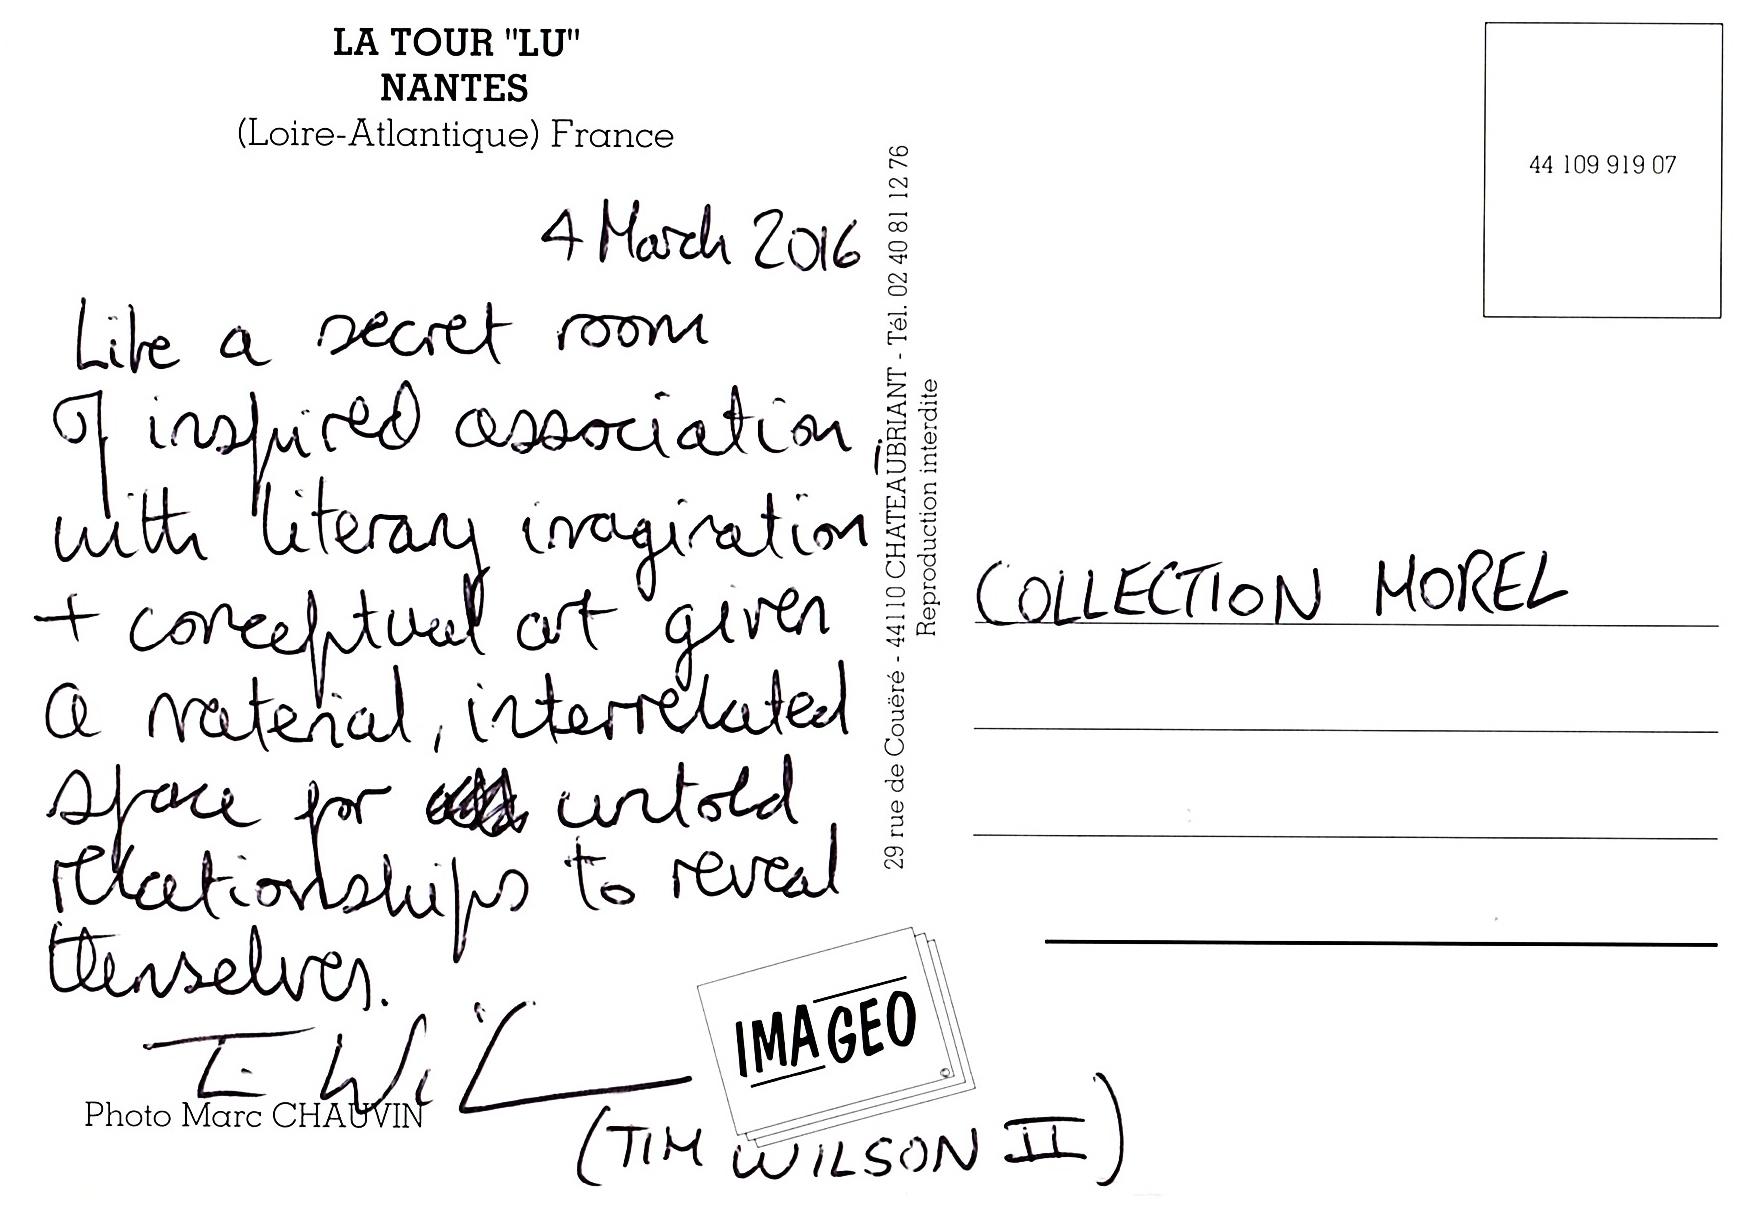 Carte-postale de visite de Tim Wilson (2)